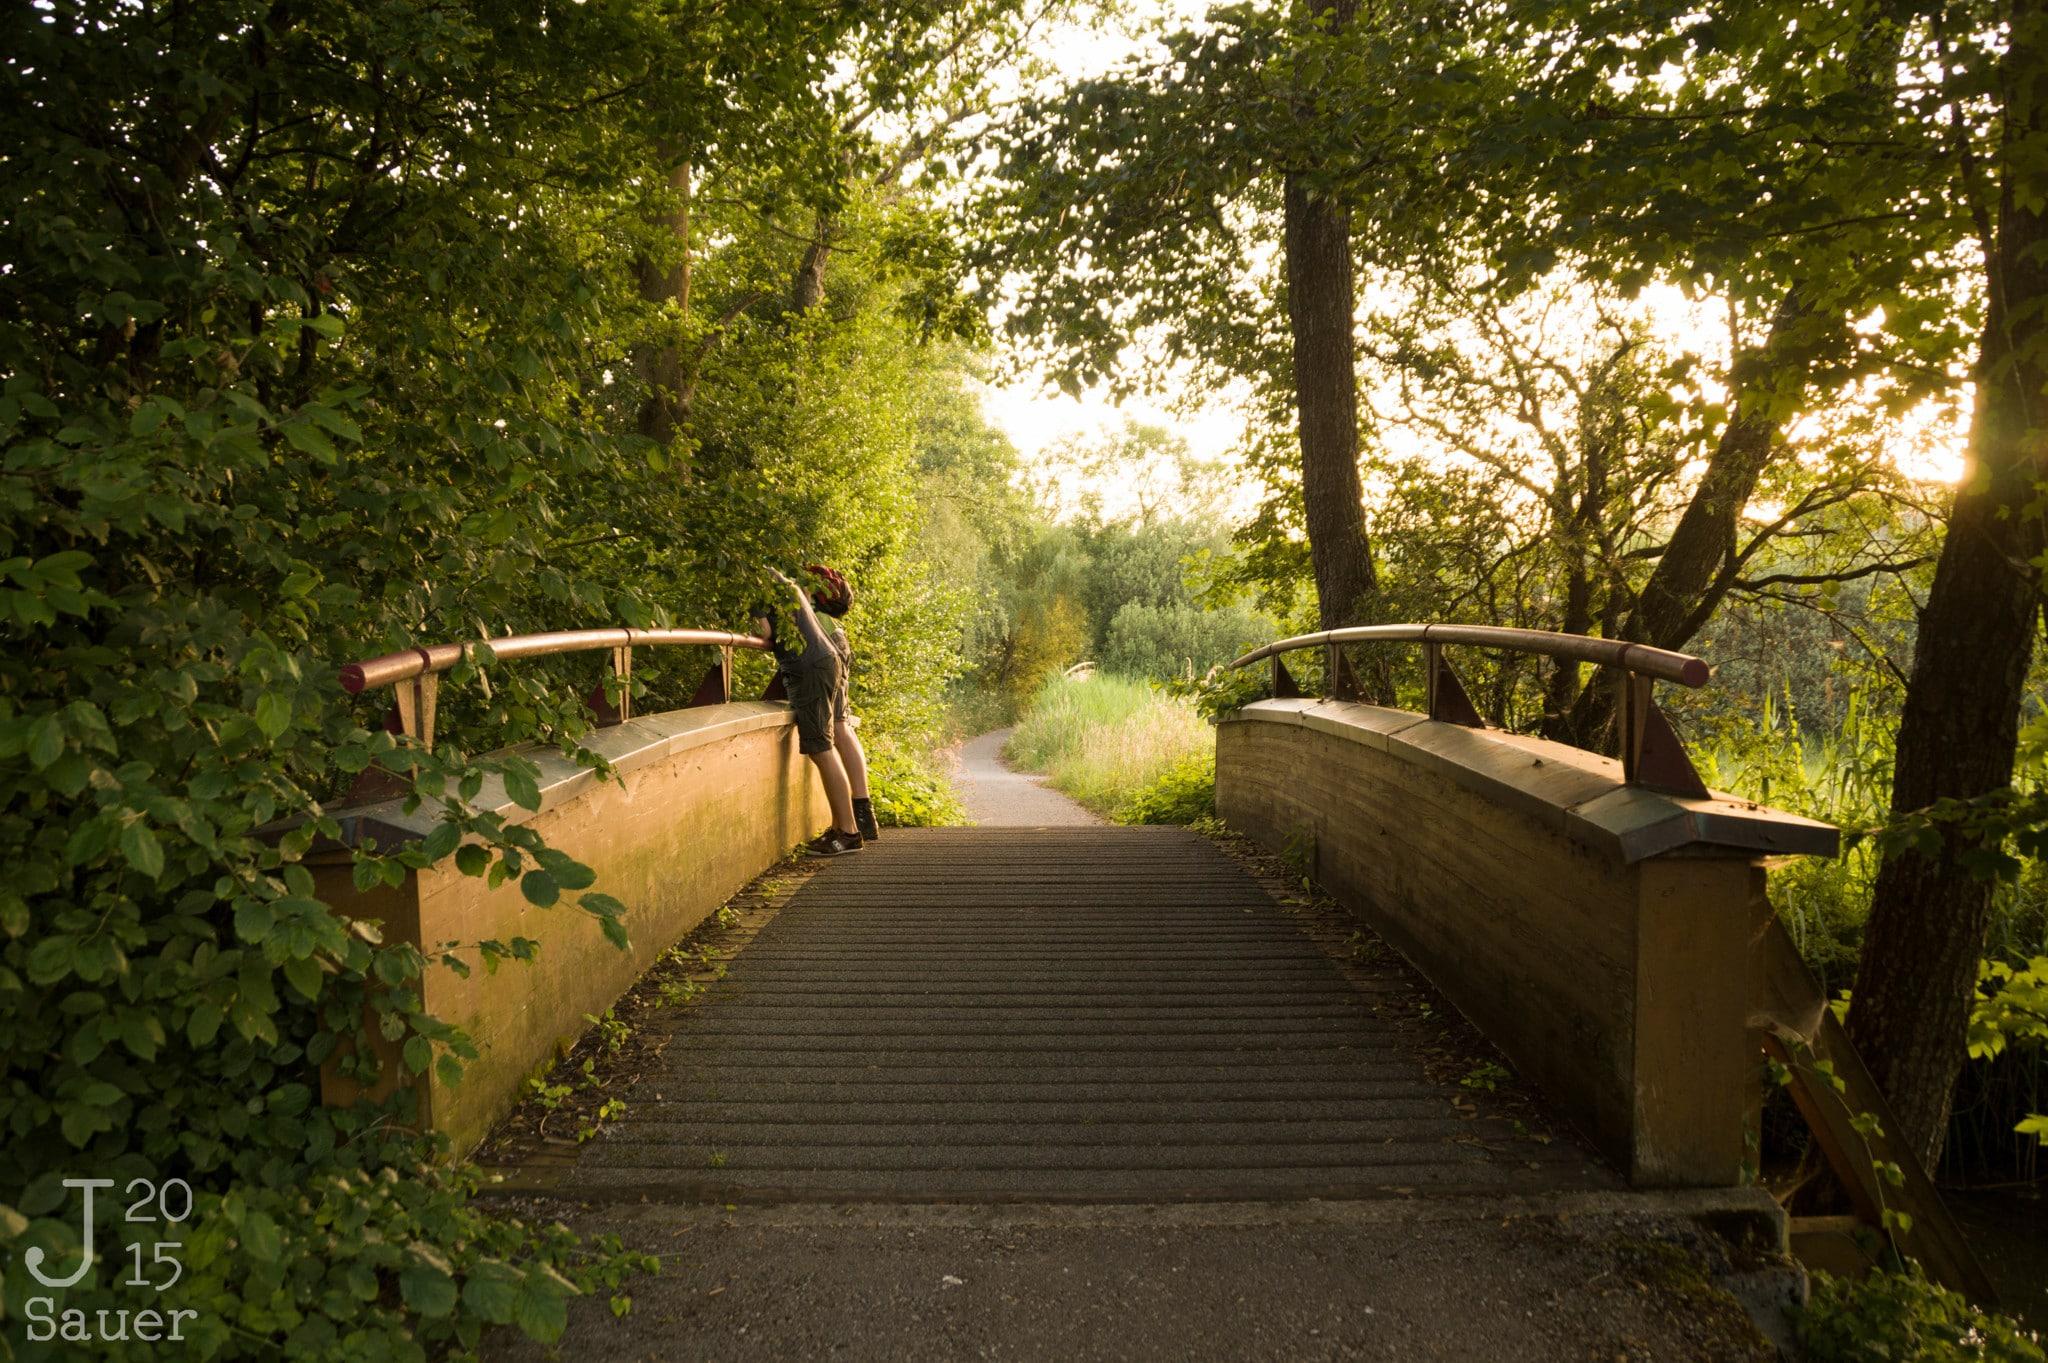 Bridge in the golden hour